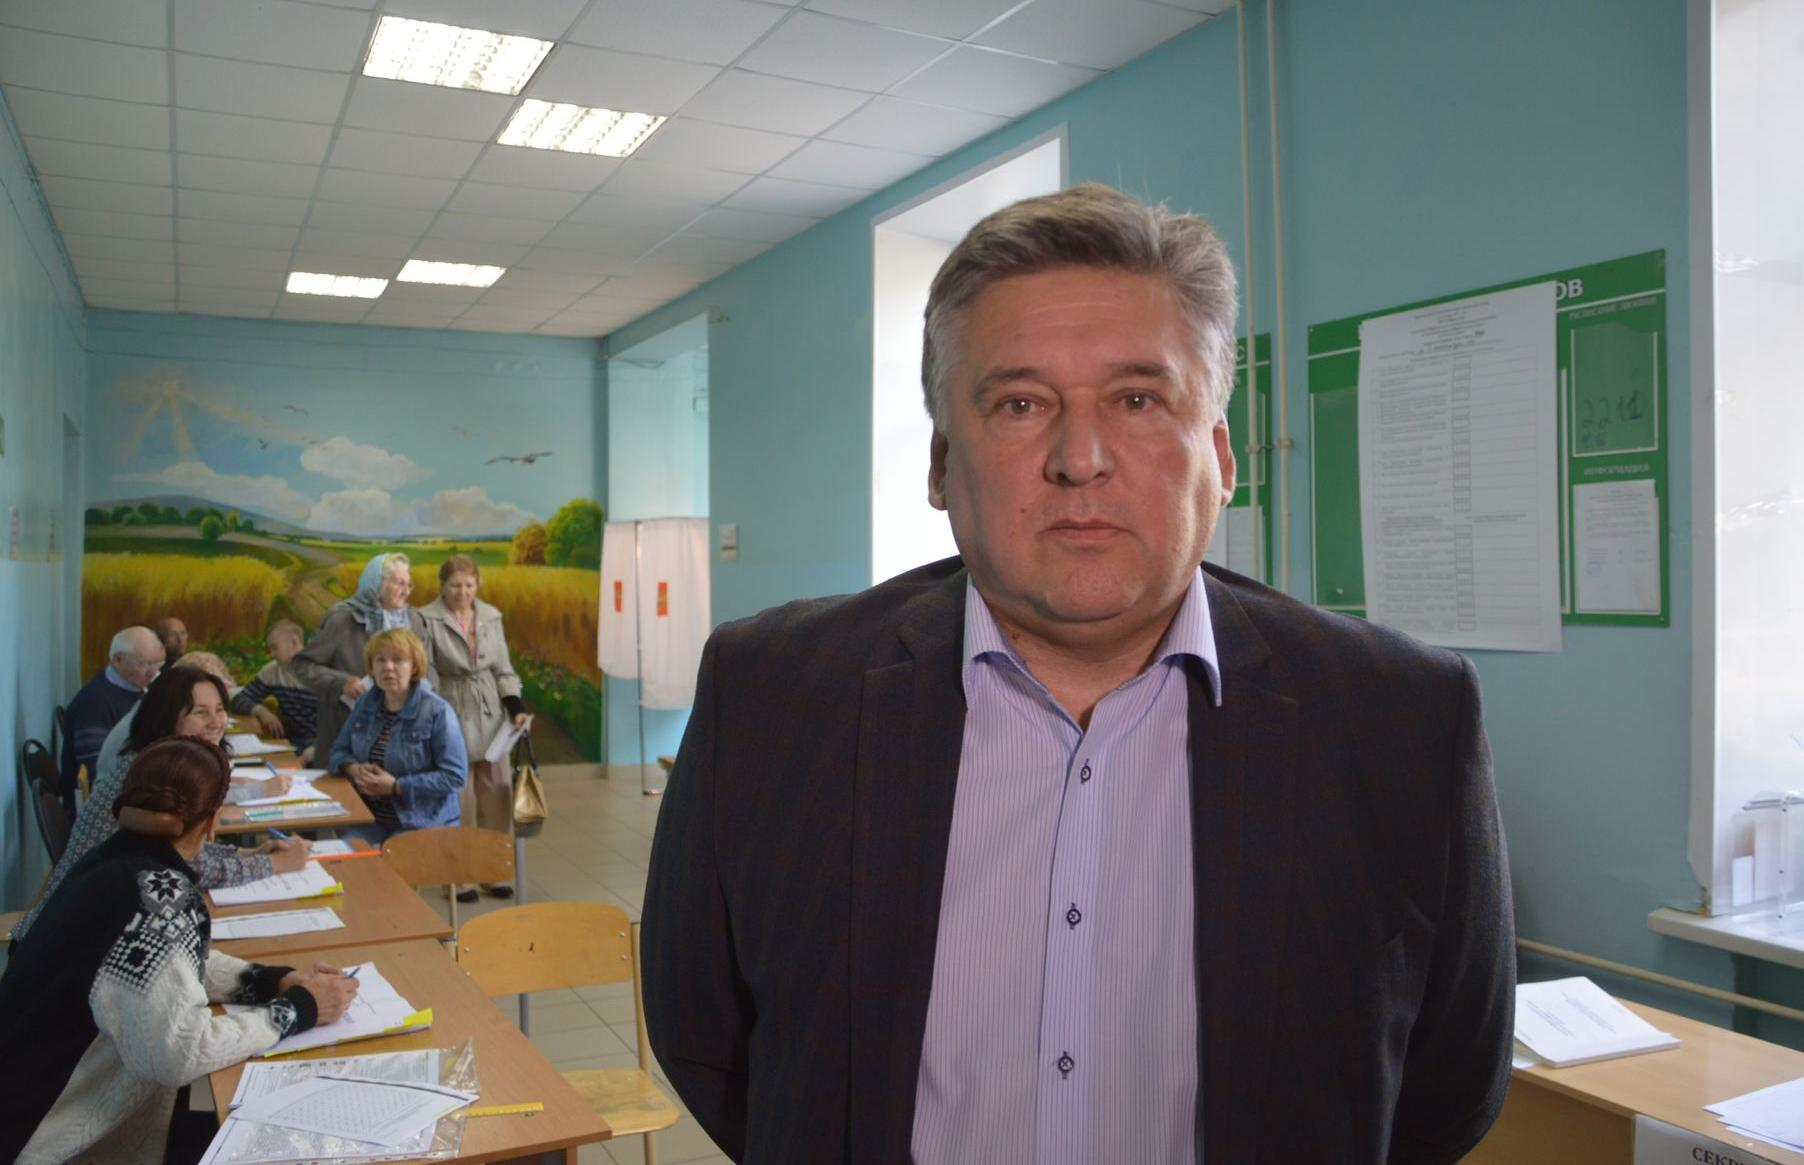 Мэр Твери заработал за 2020 год 2,7 млн рублей  - новости Афанасий